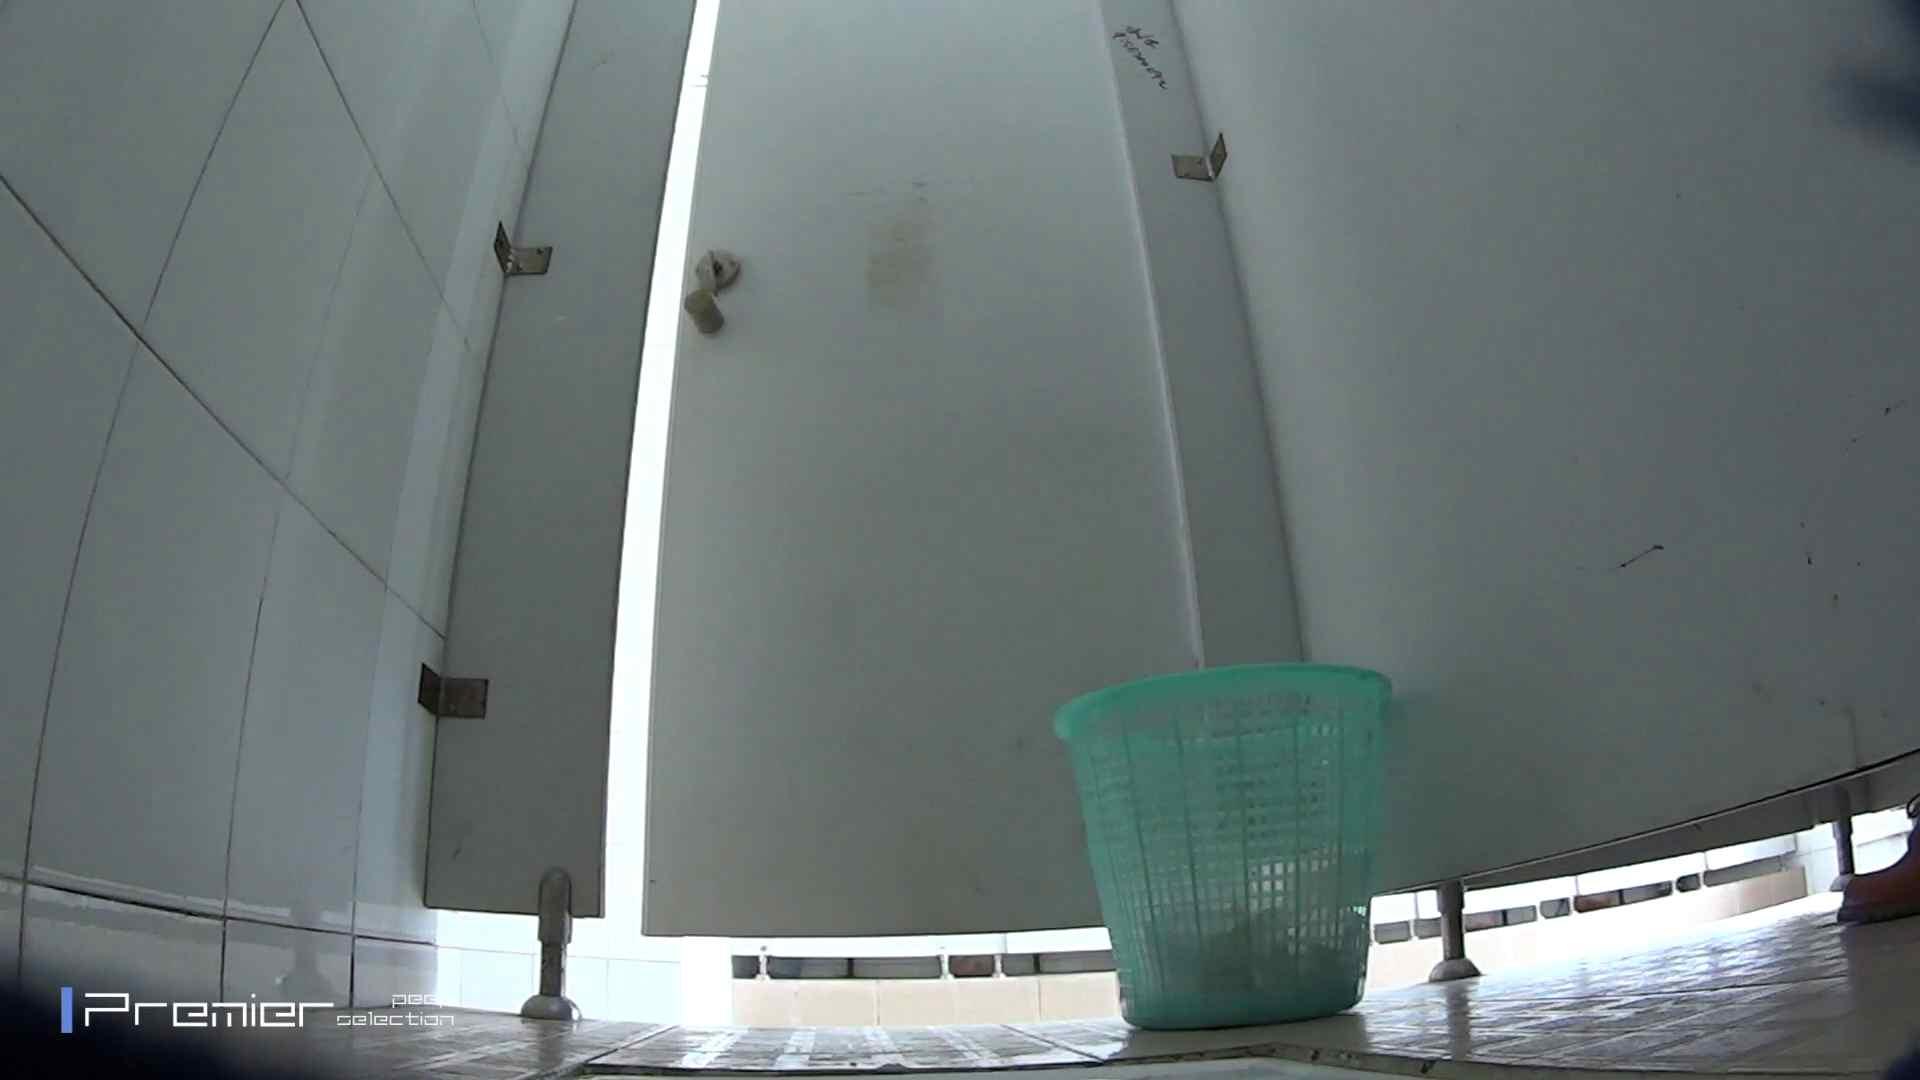 美しい女良たちのトイレ事情 有名大学休憩時間の洗面所事情06 盗撮 | トイレ盗撮  84pic 31